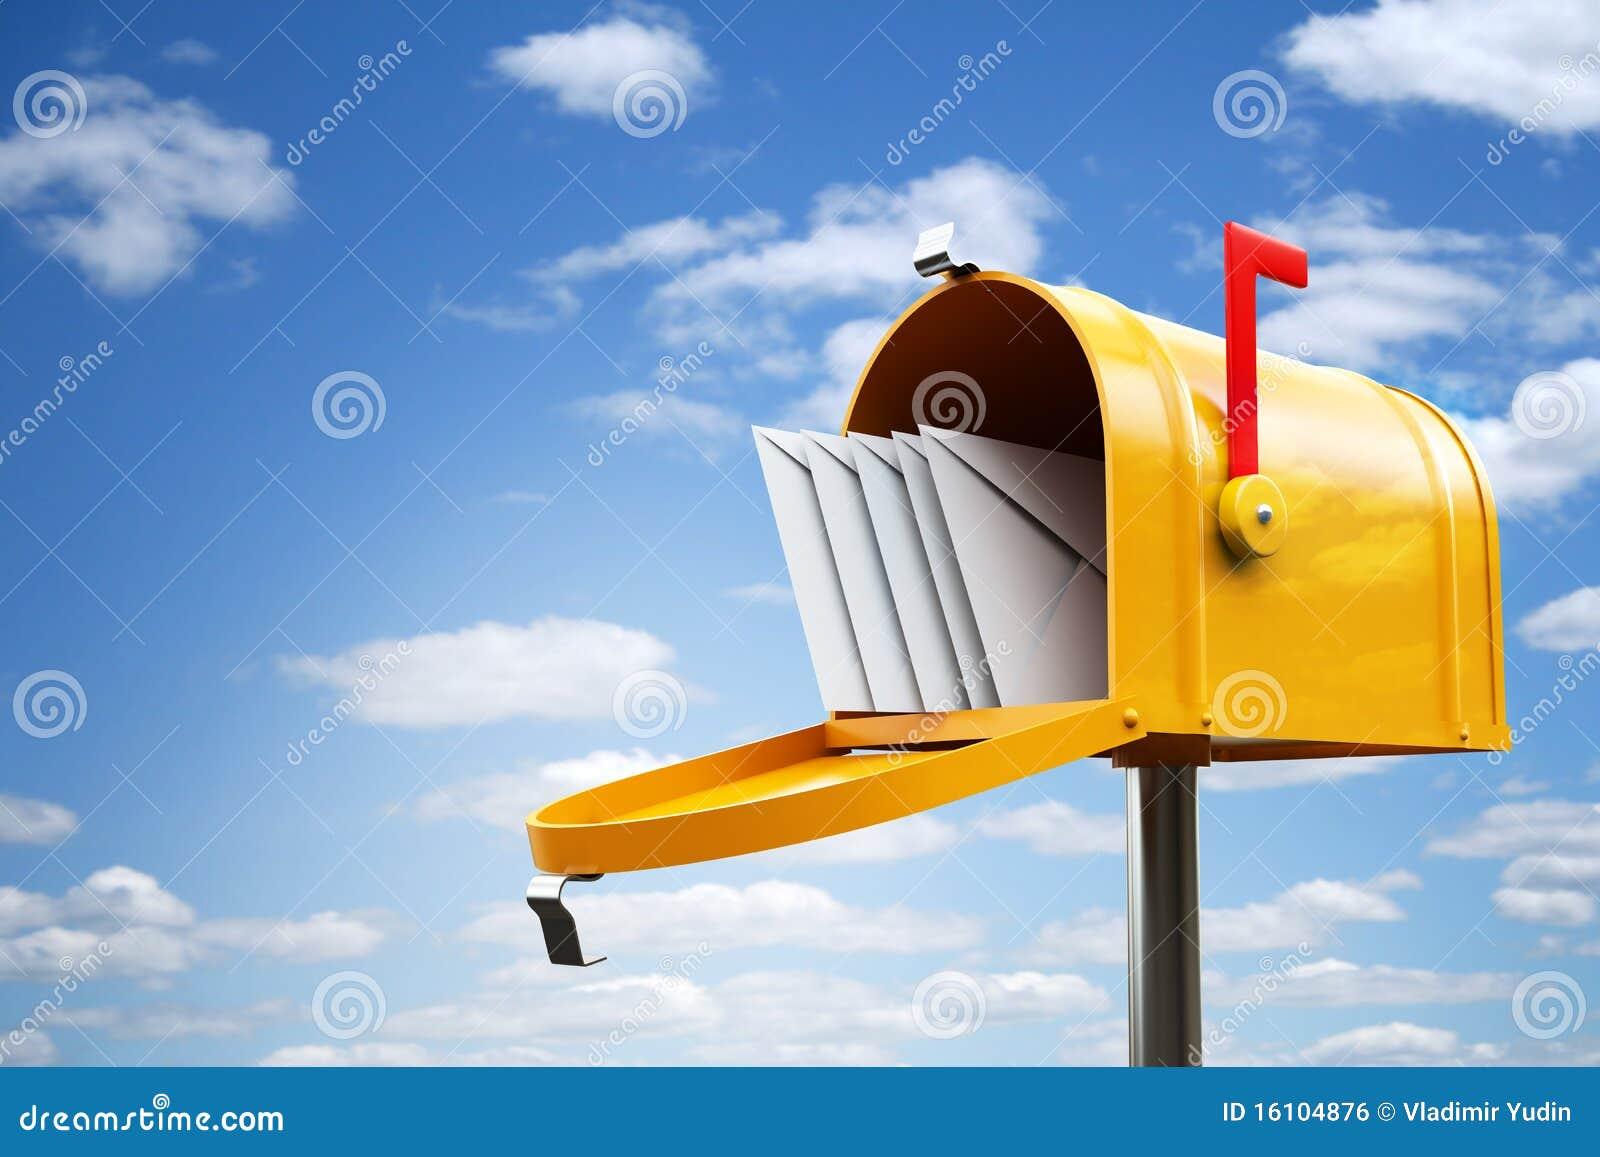 clipart gratuit boite aux lettres - photo #47